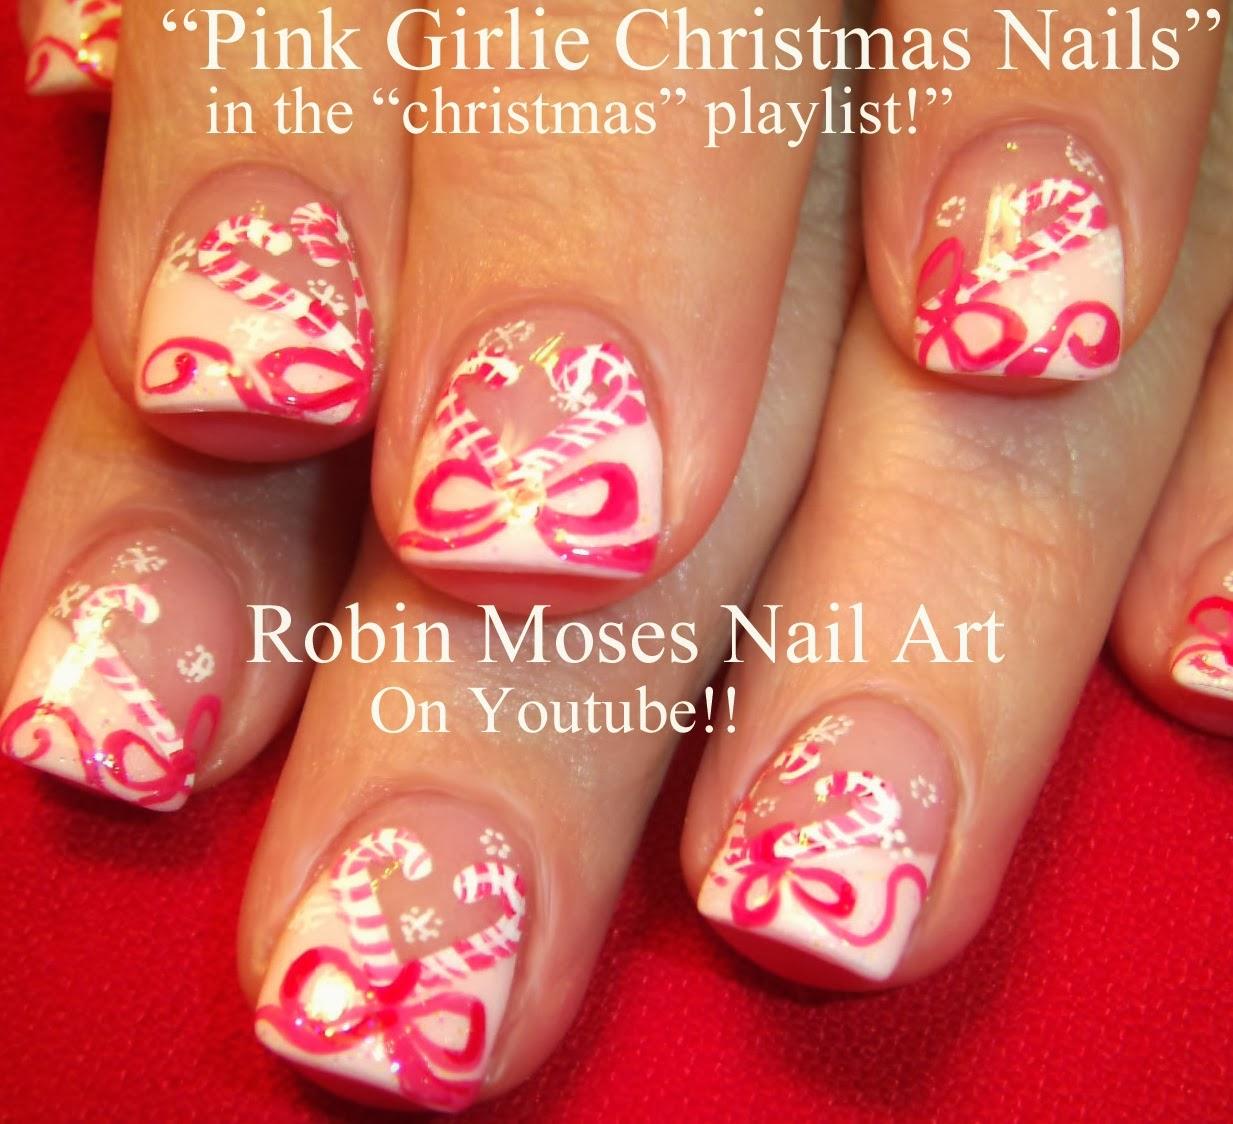 Nail Art Christmas Corset Girlie Nails Pink Mrs Claus Santa Chalkboard